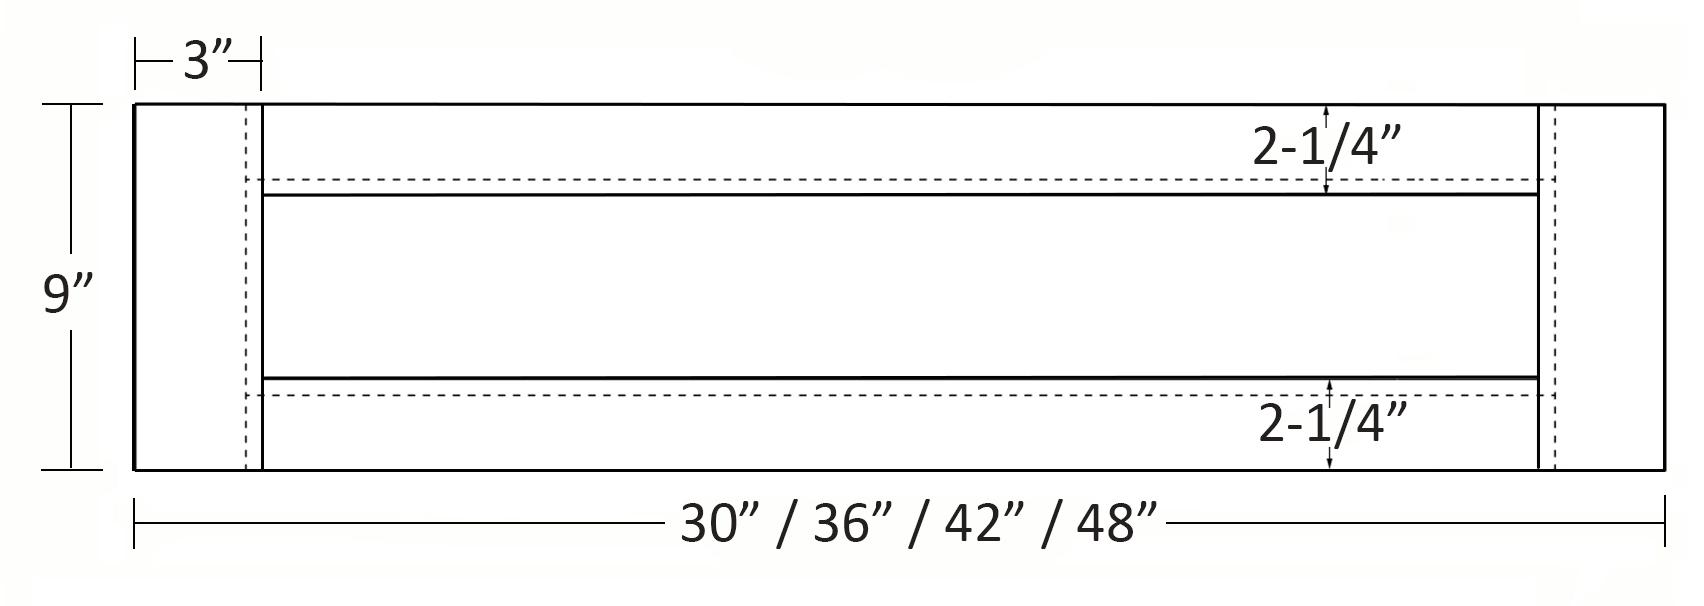 SY-VA-6052 Linedrawing